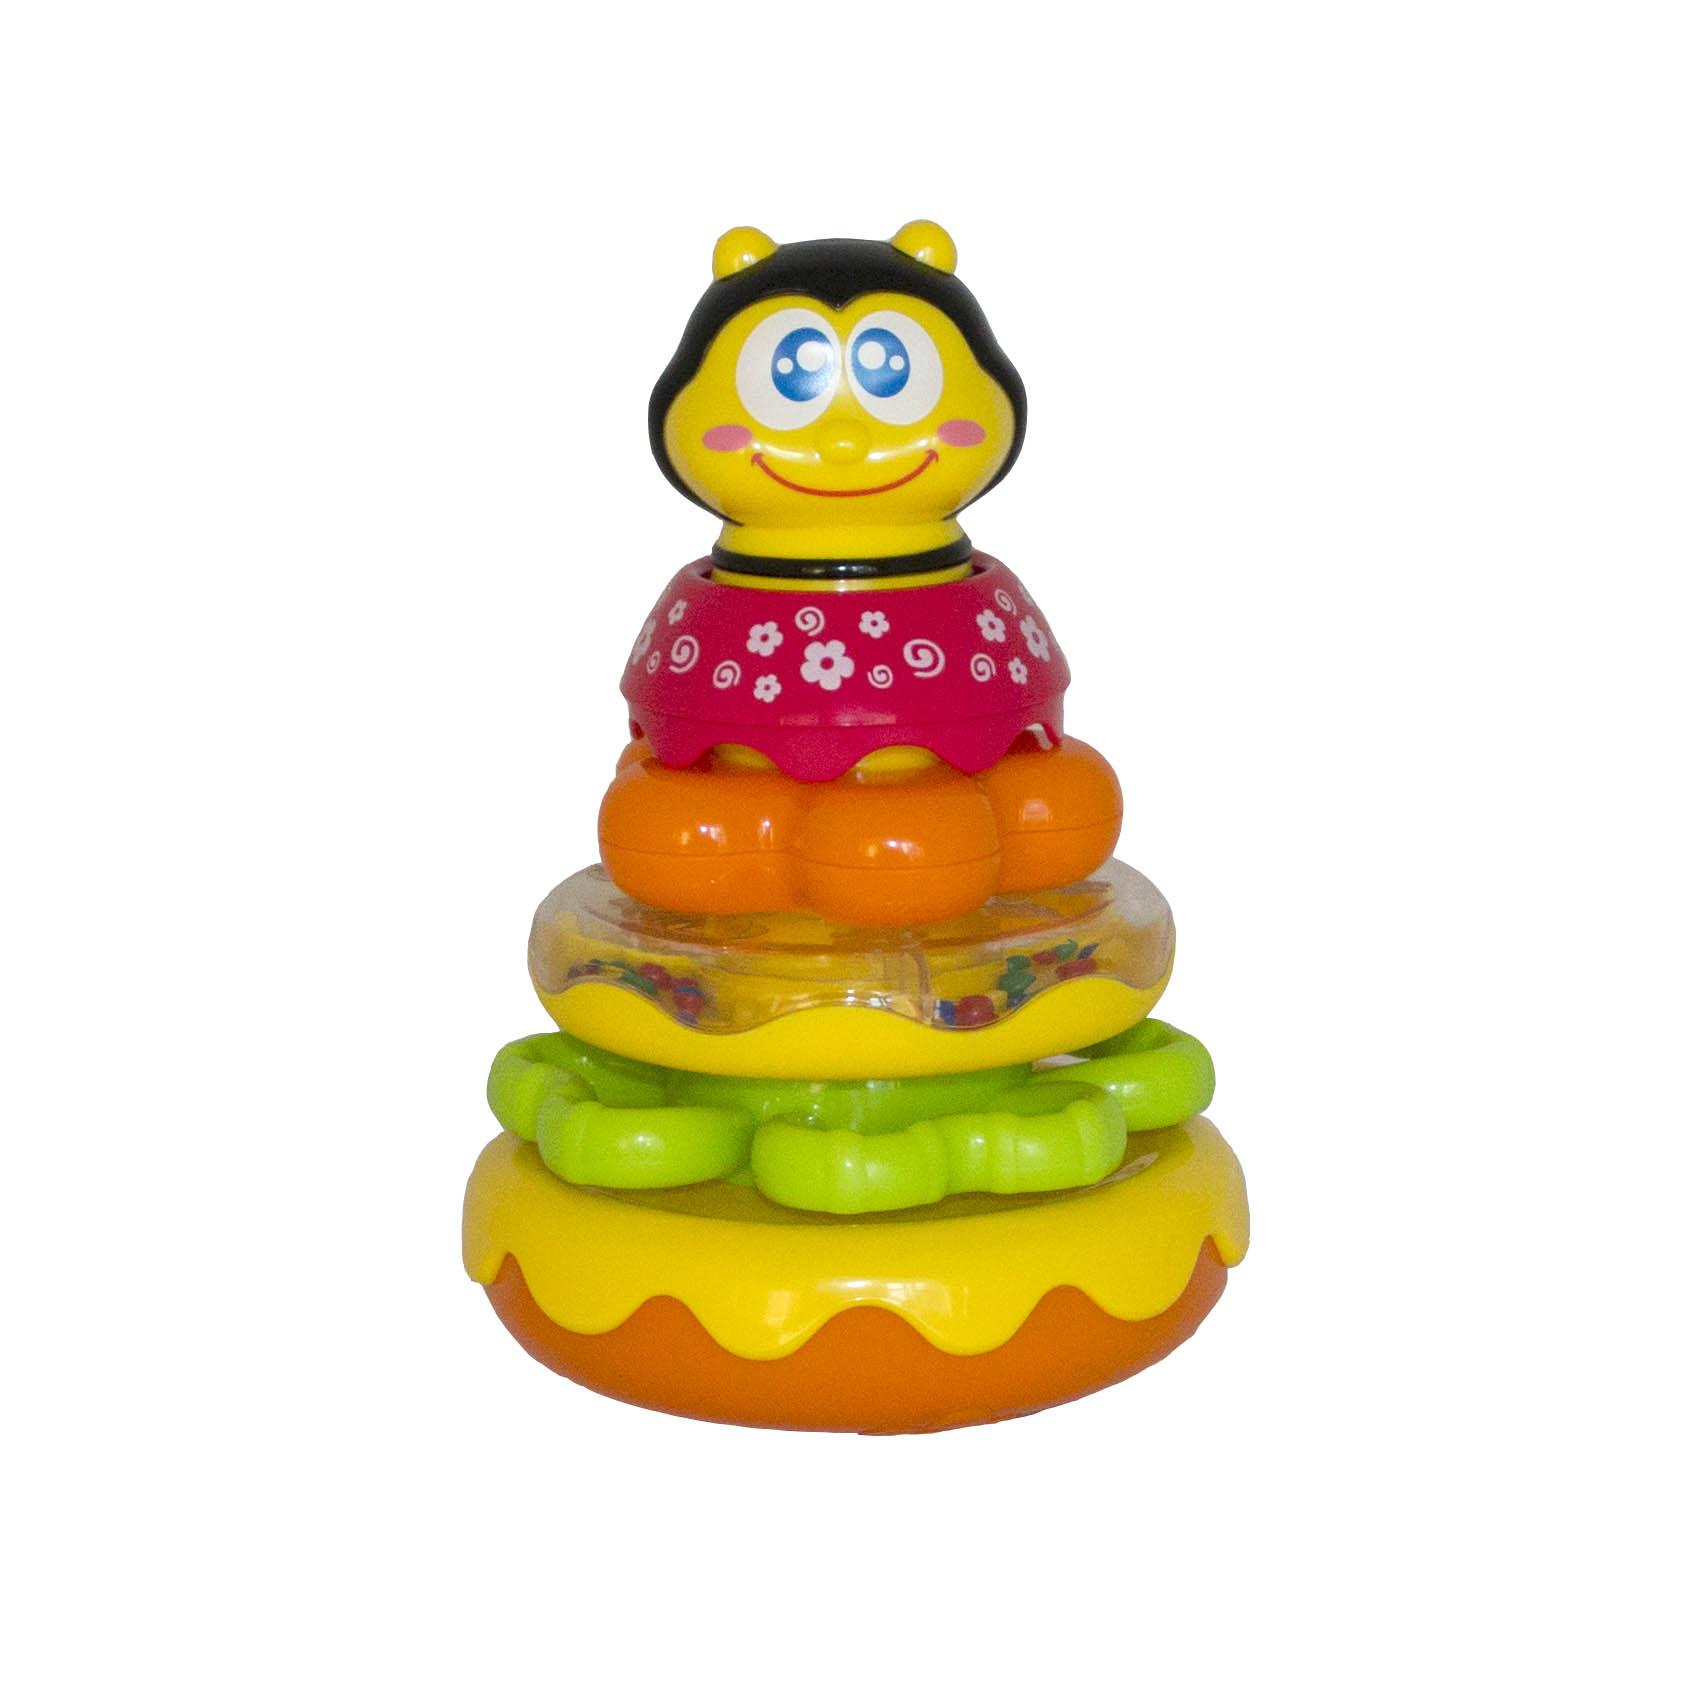 Музыкальная пирамидка - ПчелкаСортеры, пирамидки<br>Музыкальная пирамидка - Пчелка<br>